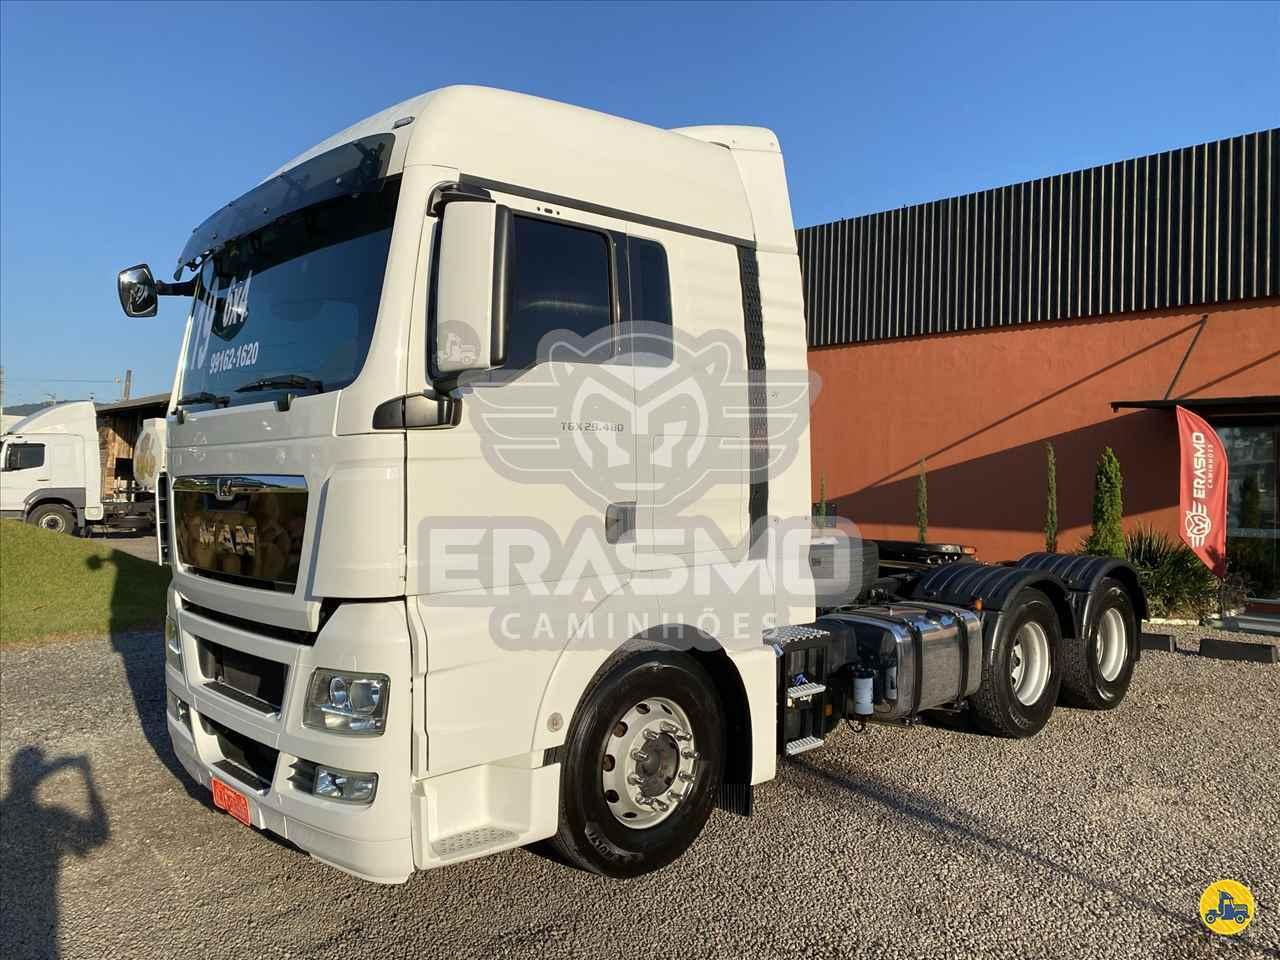 CAMINHAO MAN TGX 29 480 Cavalo Mecânico Truck 6x2 Erasmo Caminhões TUBARAO SANTA CATARINA SC